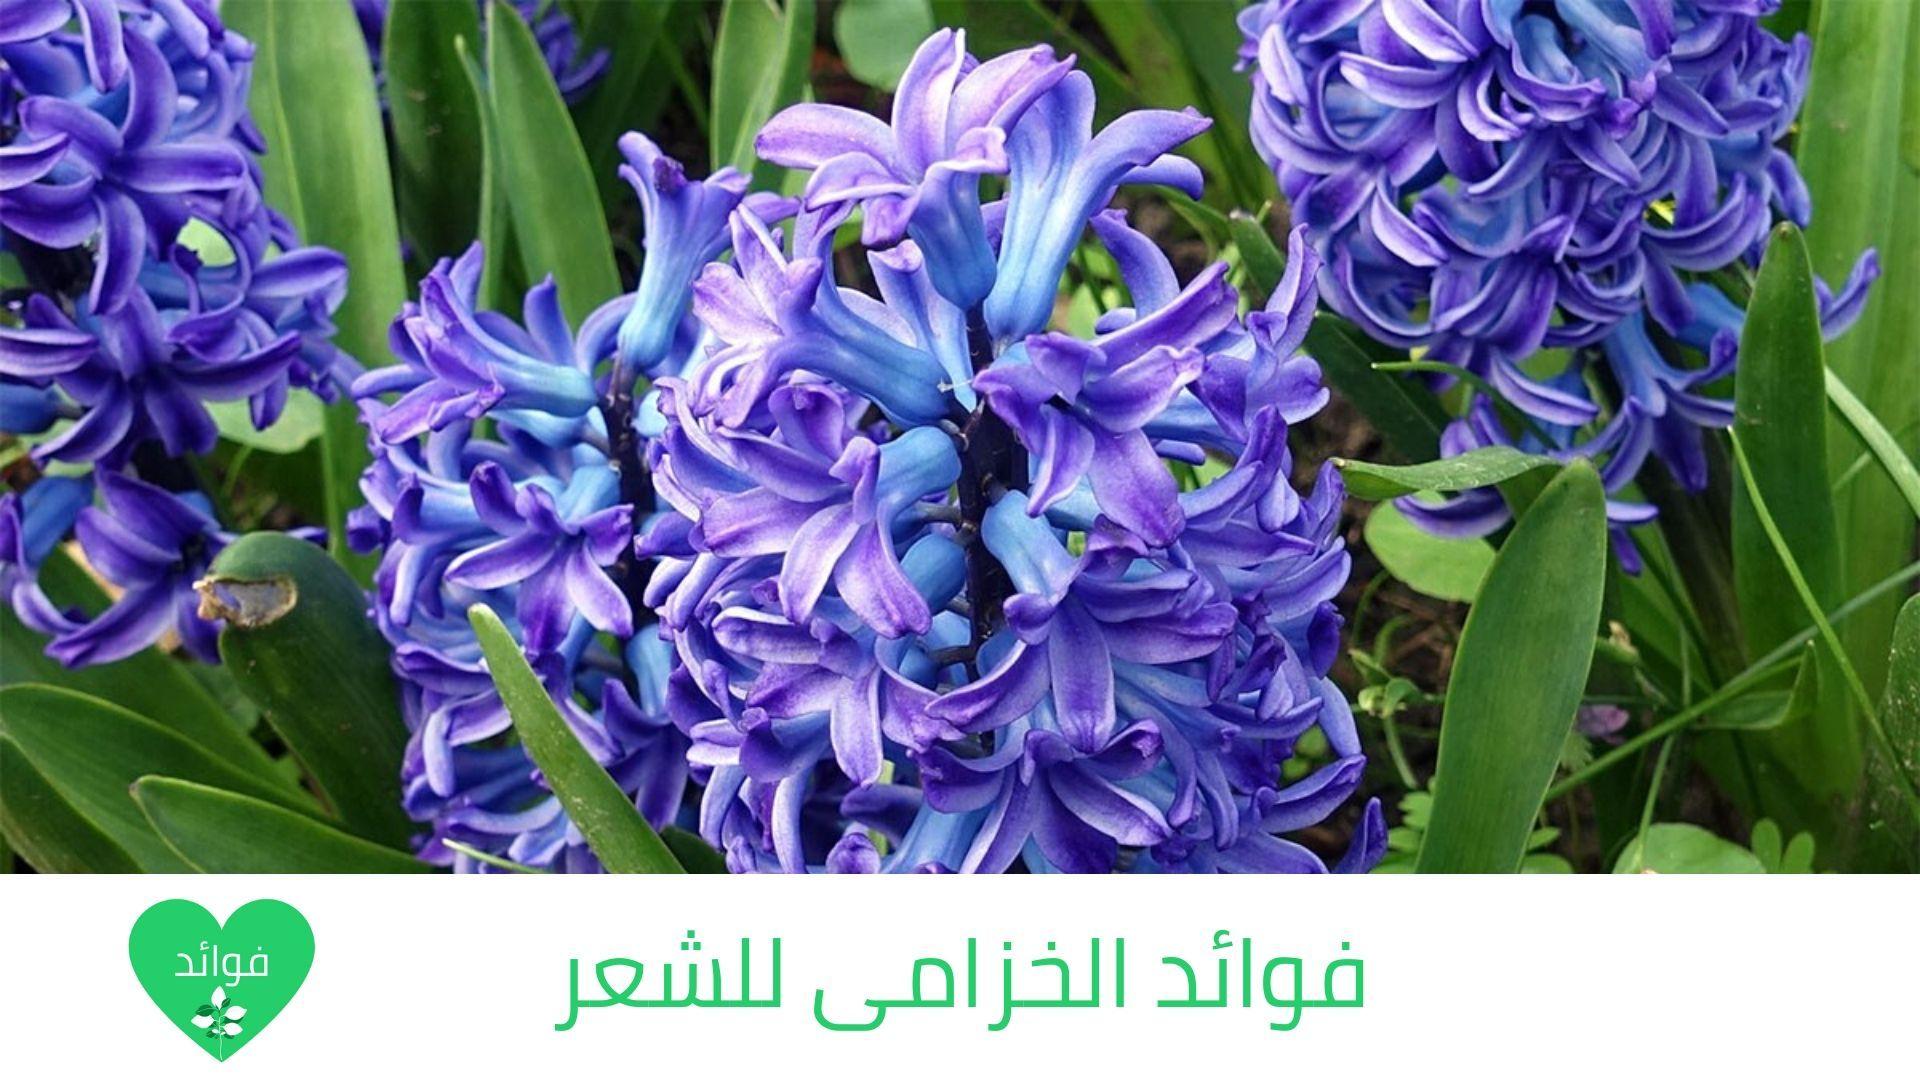 فوائد الخزامى للشعر وفوائده المدهشة لجمال شعرك عند خلطه بالحناء Simple Wedding Bouquets Peach Water Tulips Arrangement